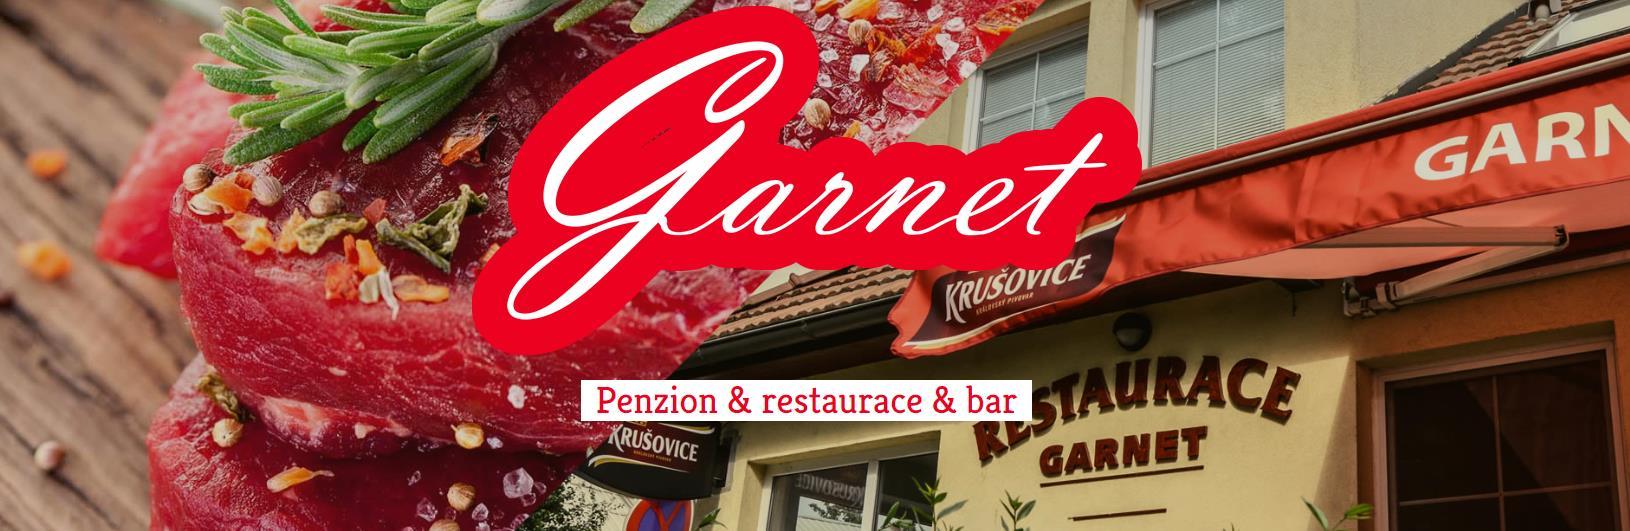 Garnet restaurace